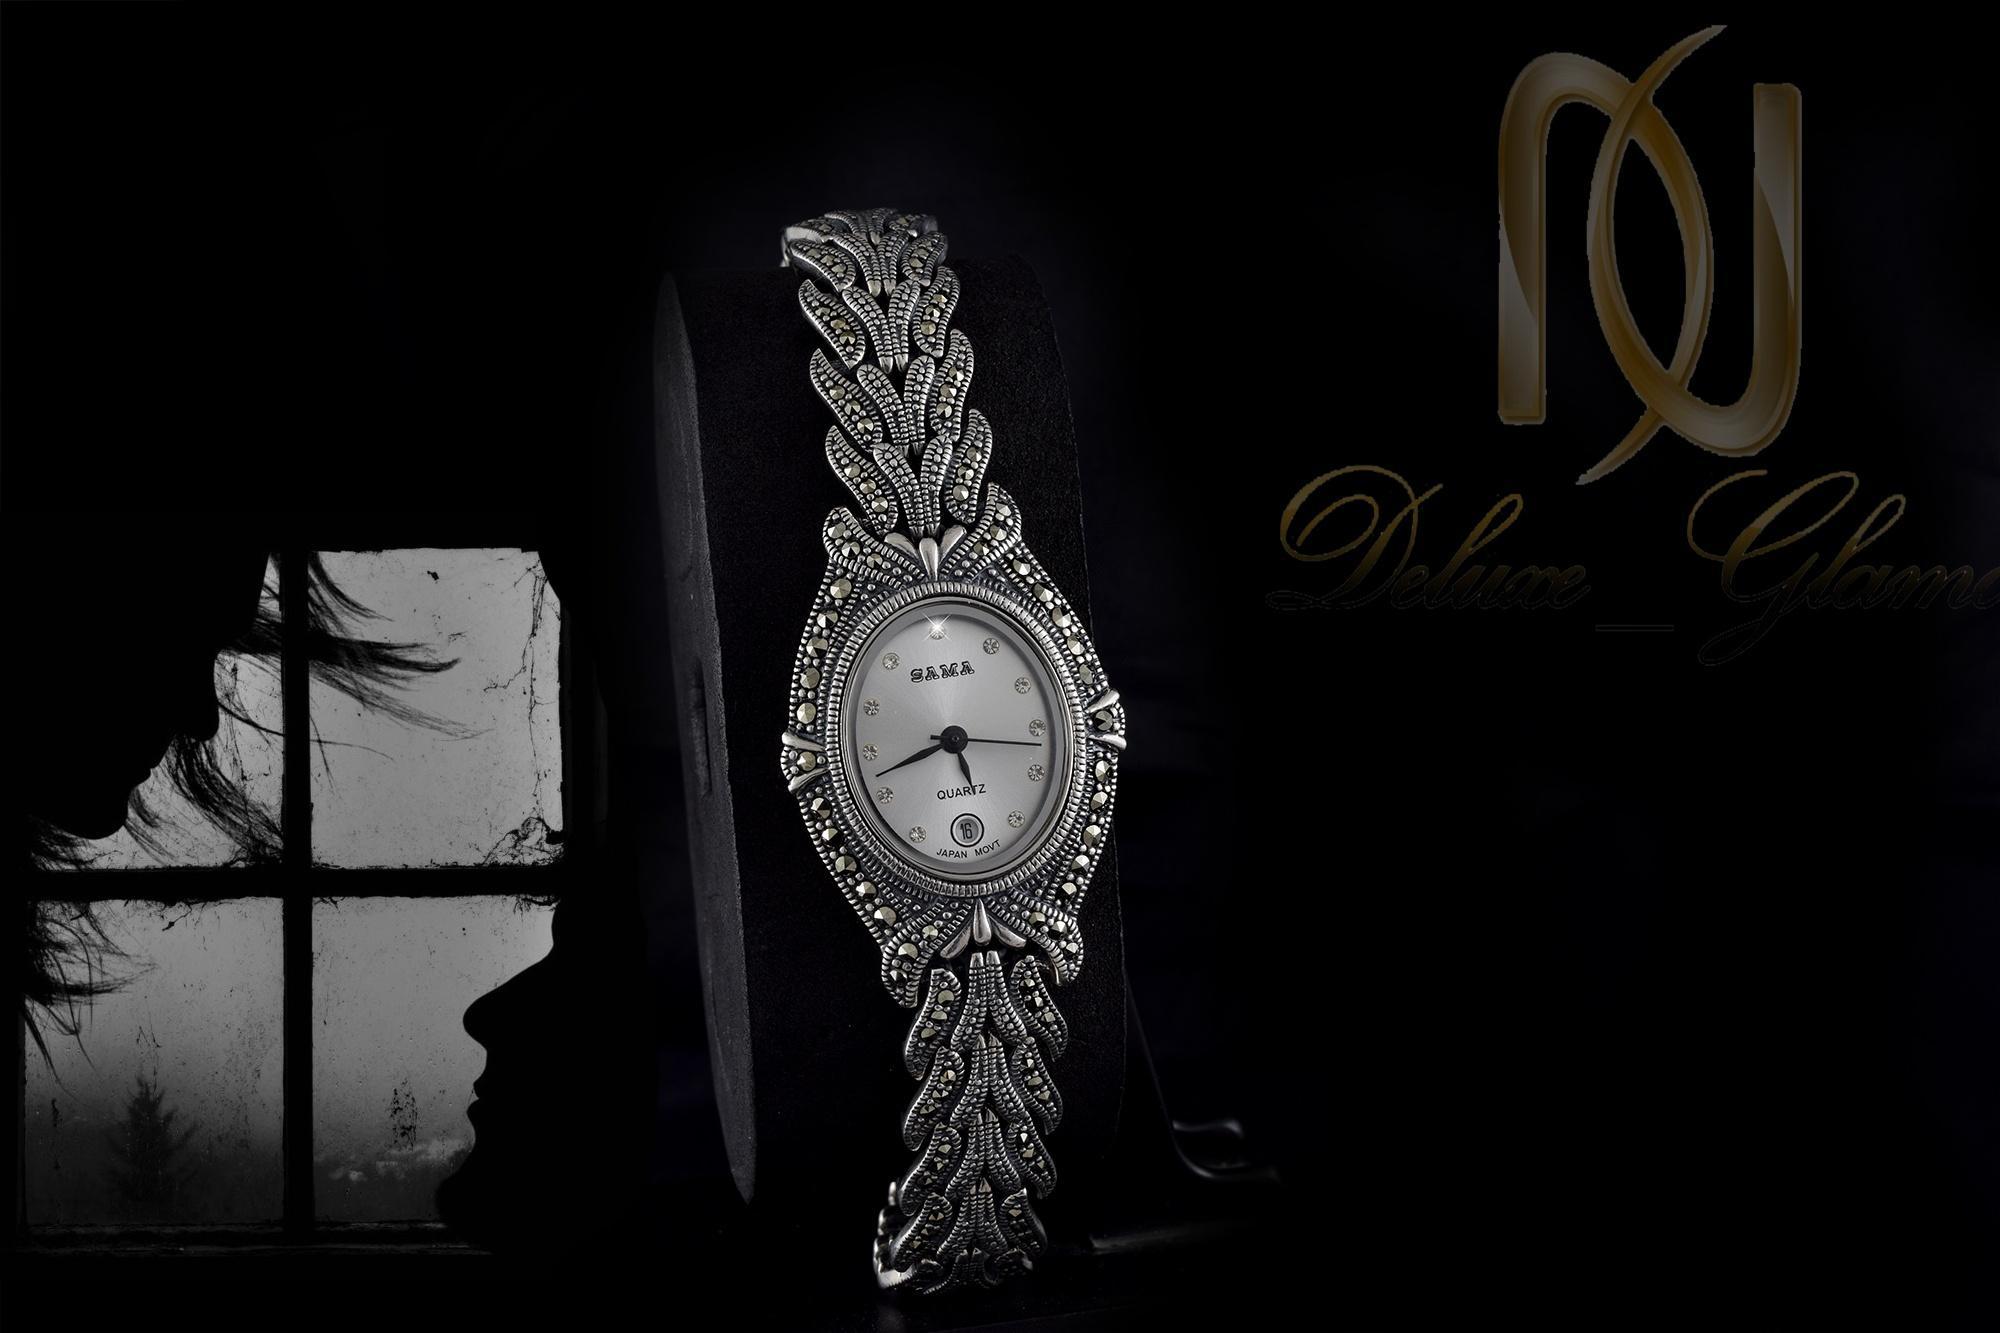 ساعت نقره زنانه با نگین های مارکازیت wh-n103 از نمای مشکی